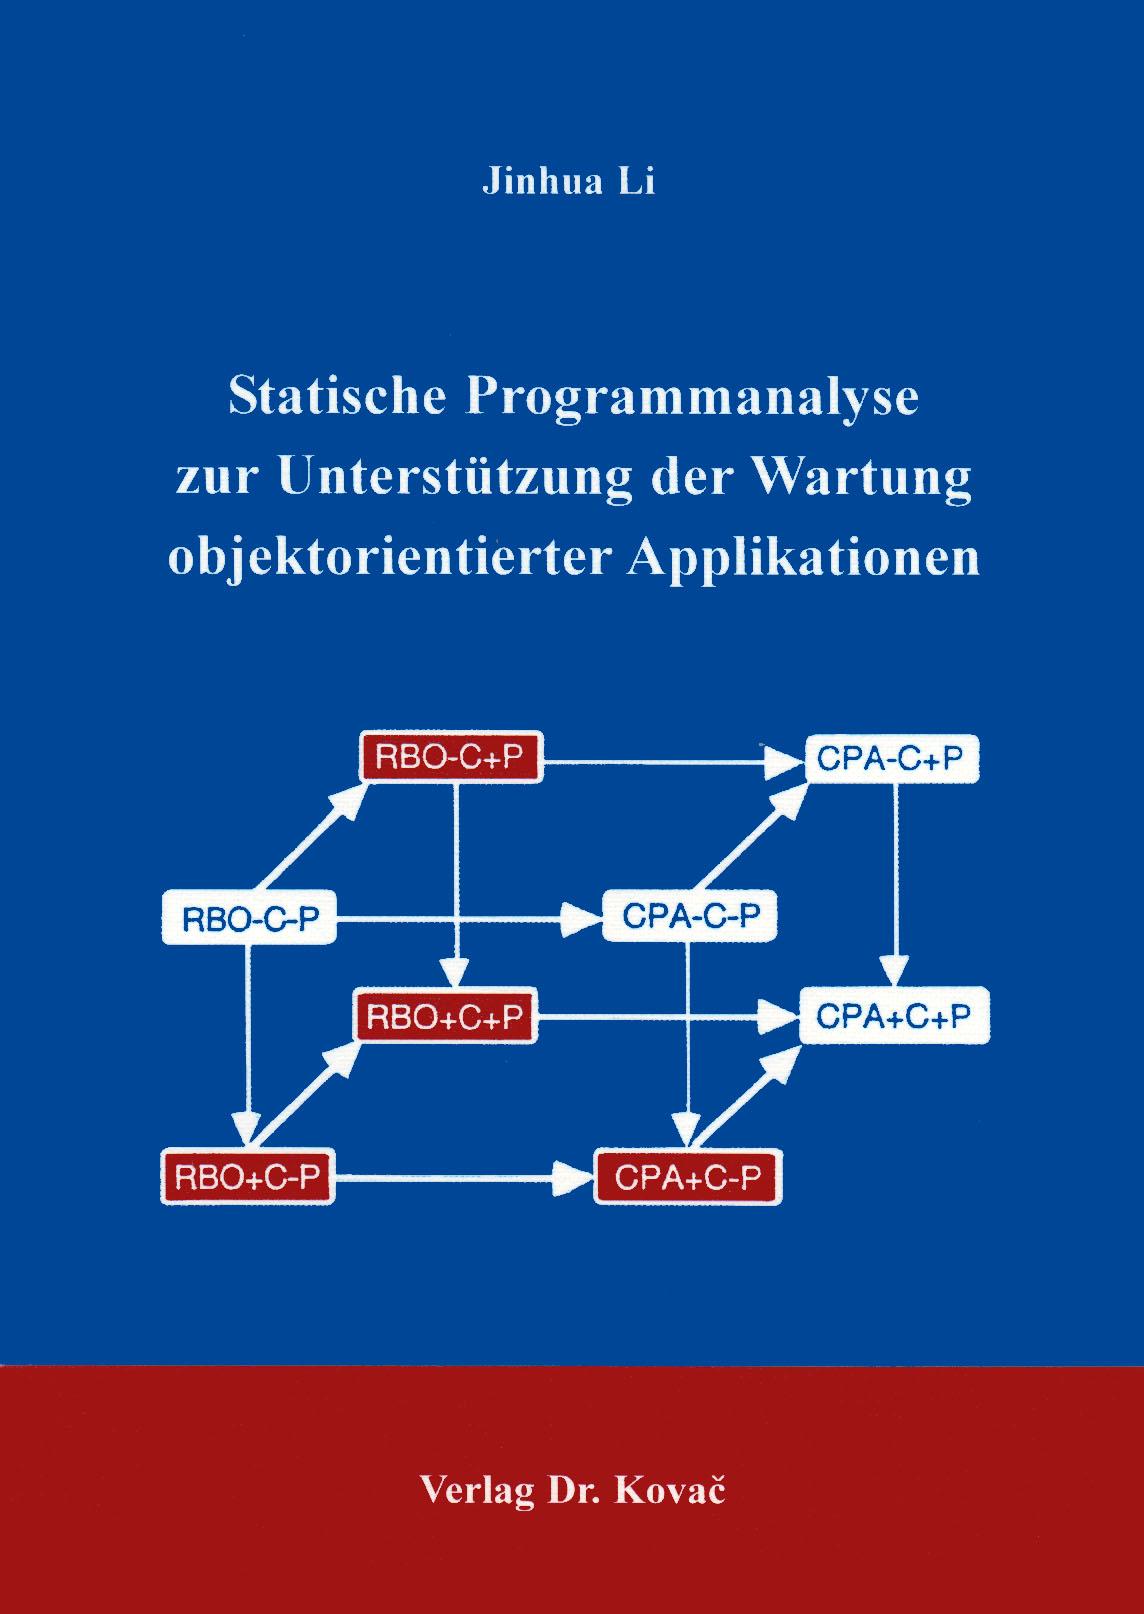 Cover: Statistische Programmanalyse zur Unterstützung der Wartung objektorientierter Applikationen